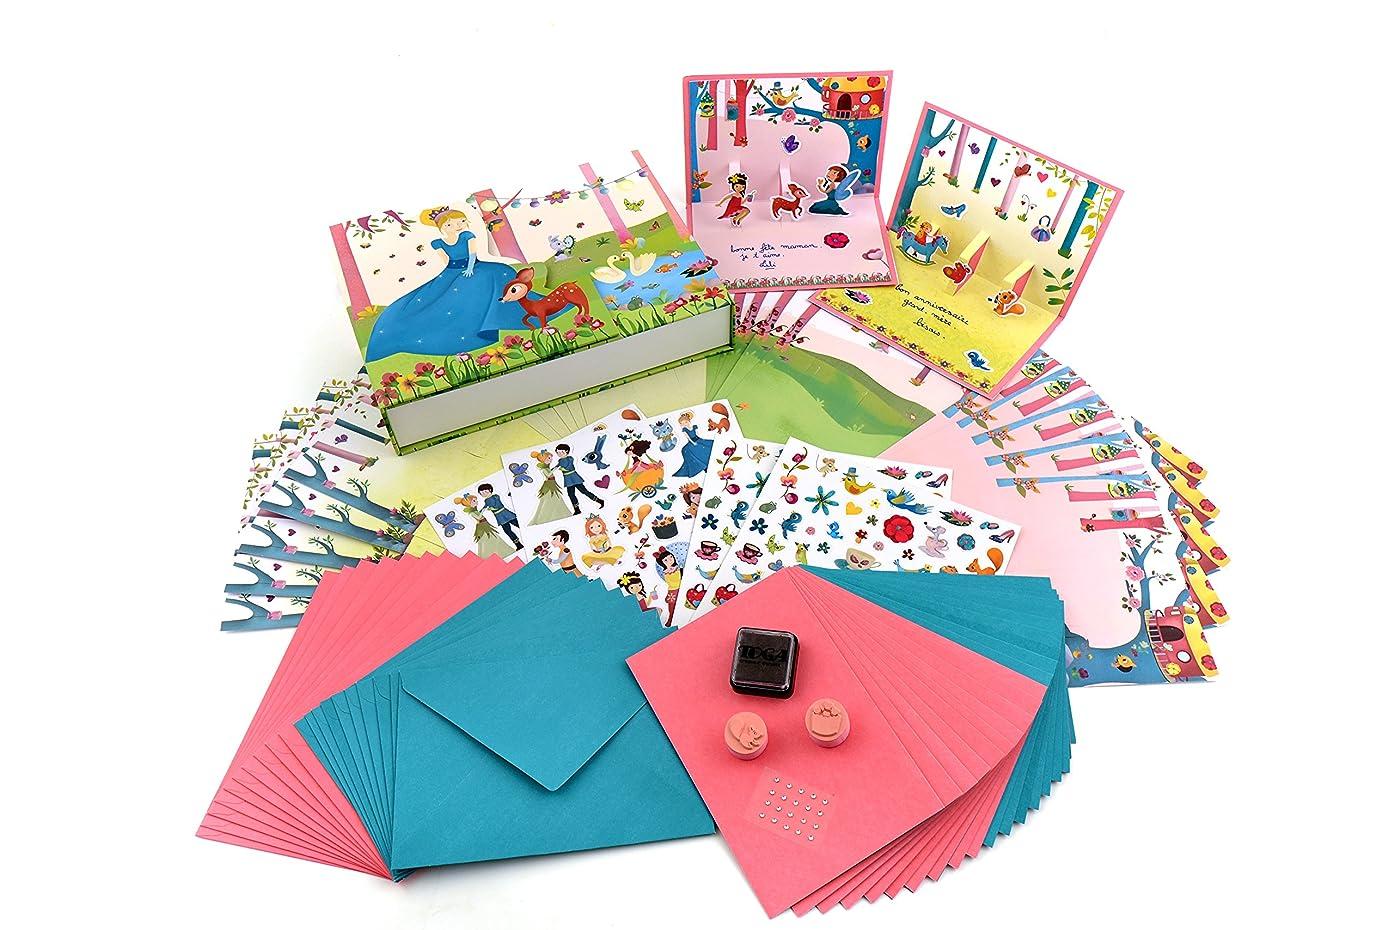 Téo et Zina ktz07?Princess Kit carterie Paper Design 23.5?x 16?x 4.5?cm